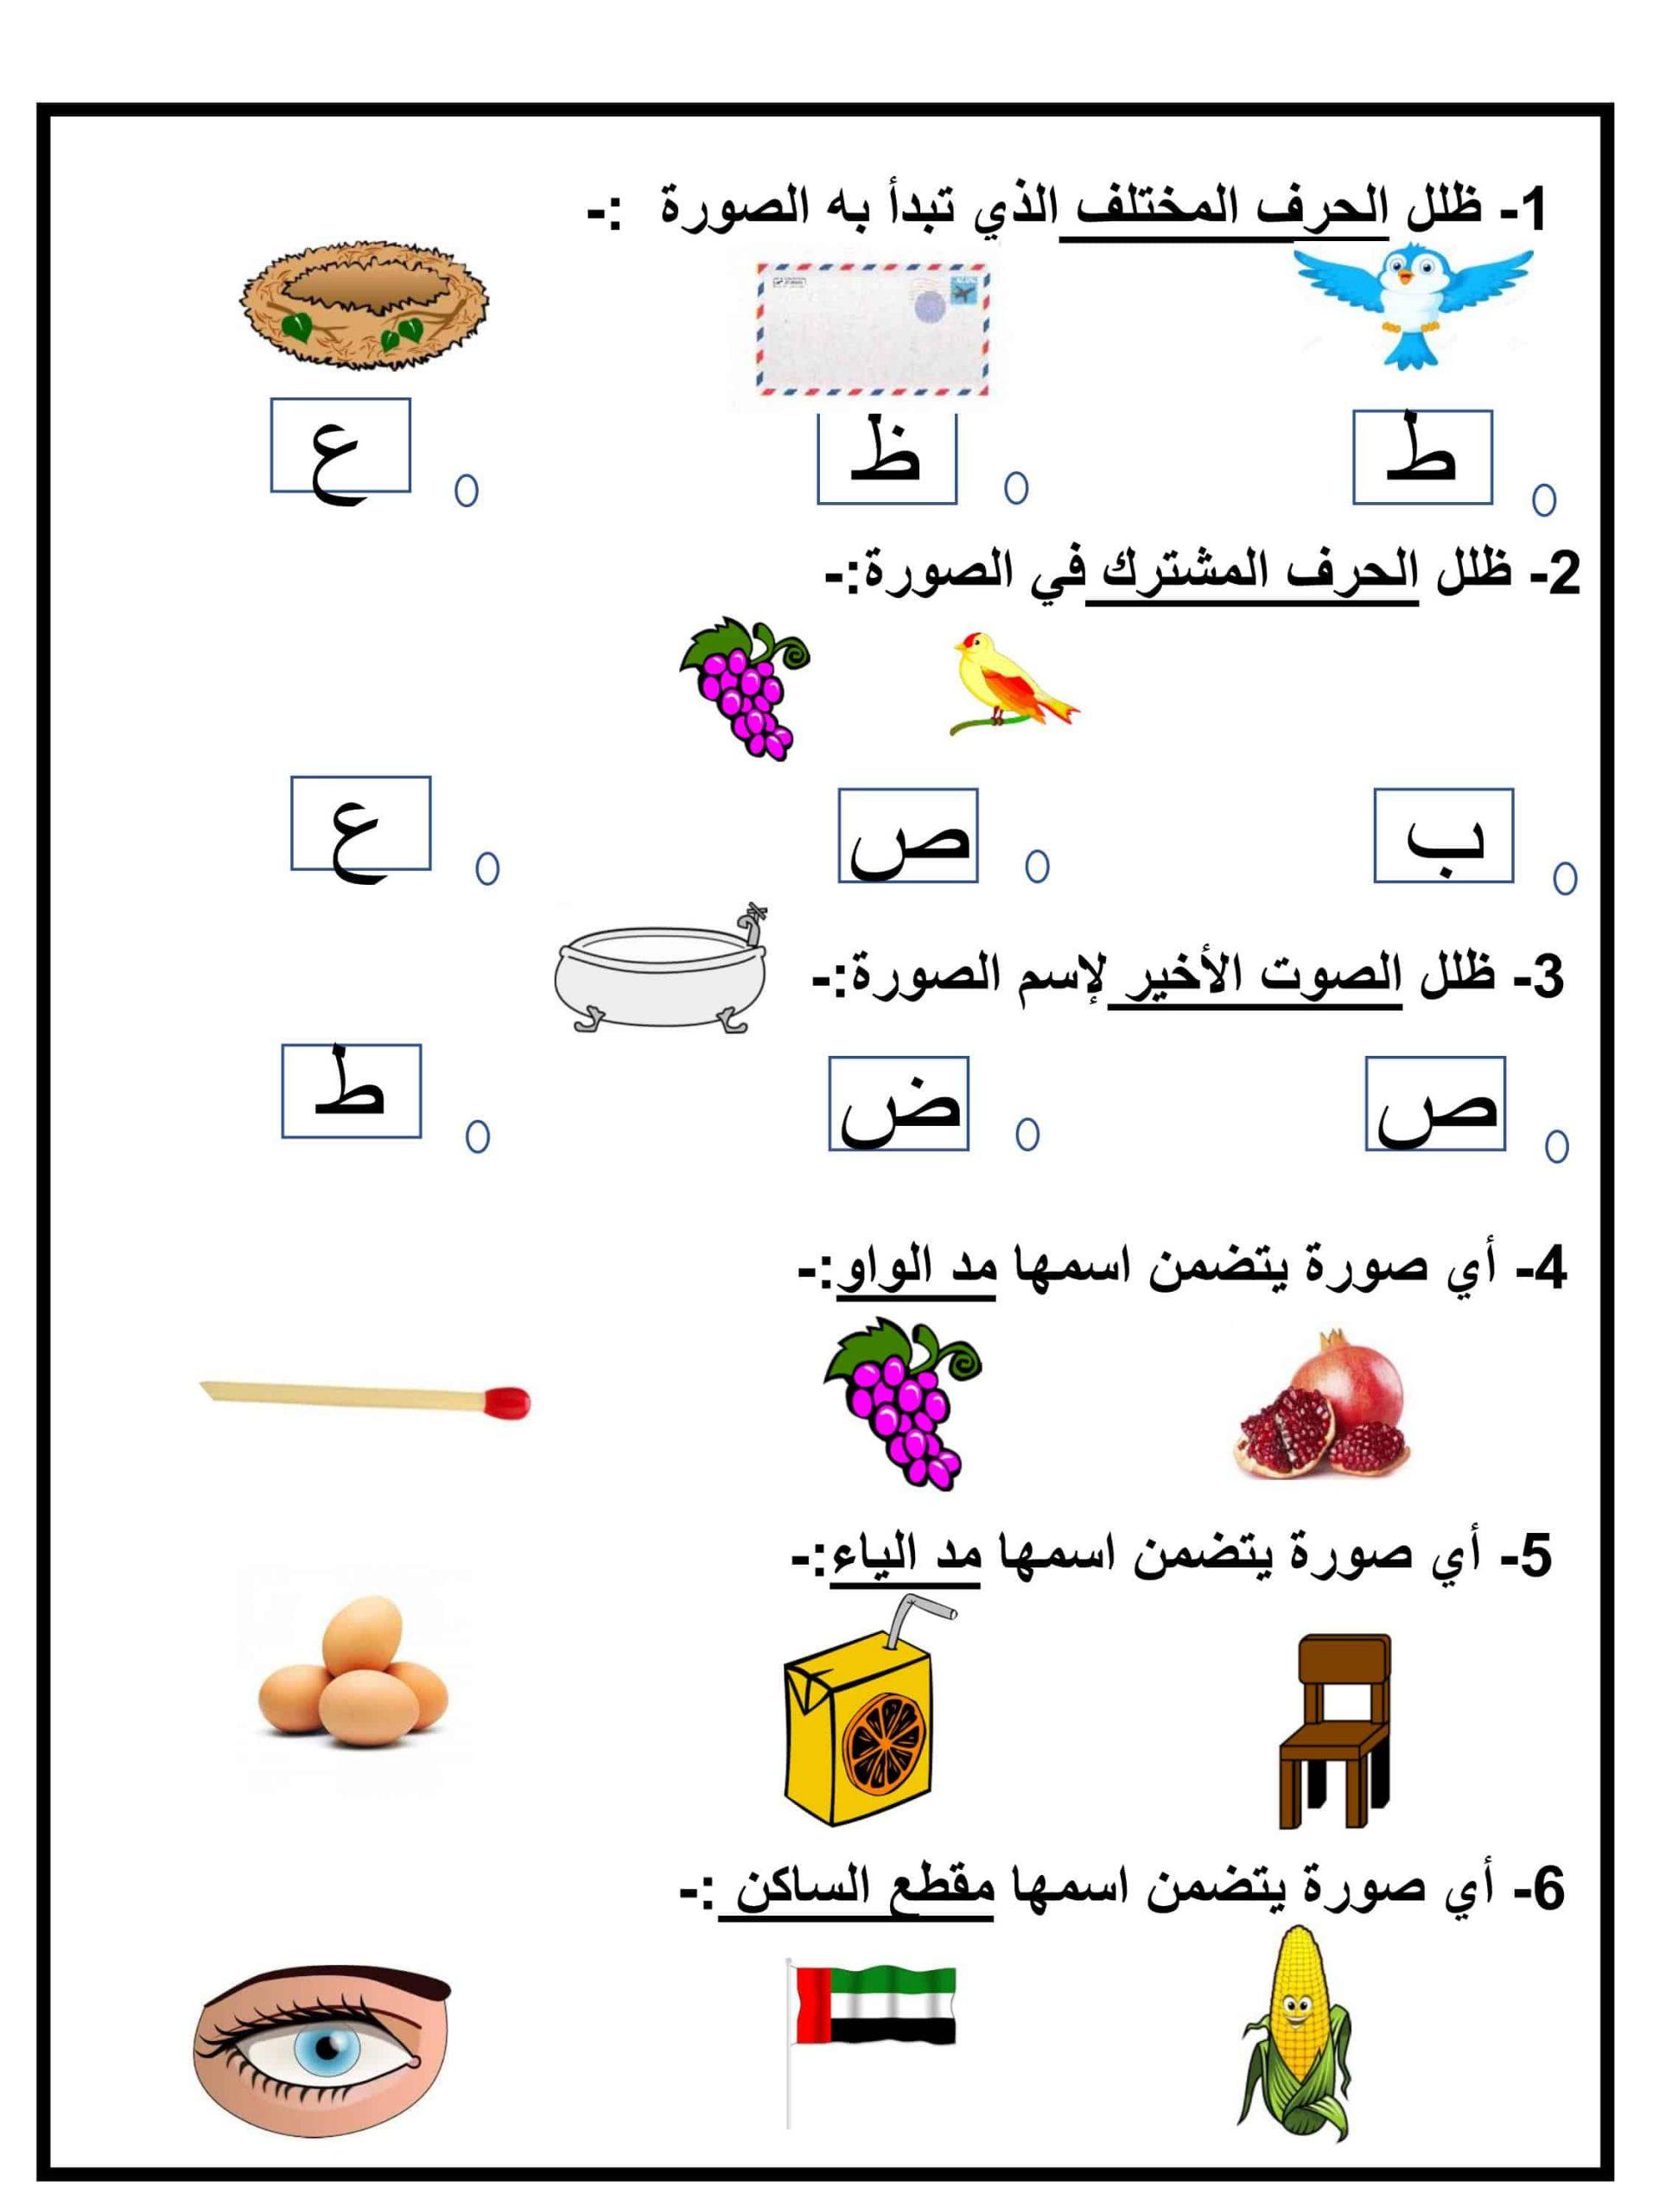 ورقة عمل و تدريبات حرف العين للصف الاول مادة اللغة العربية